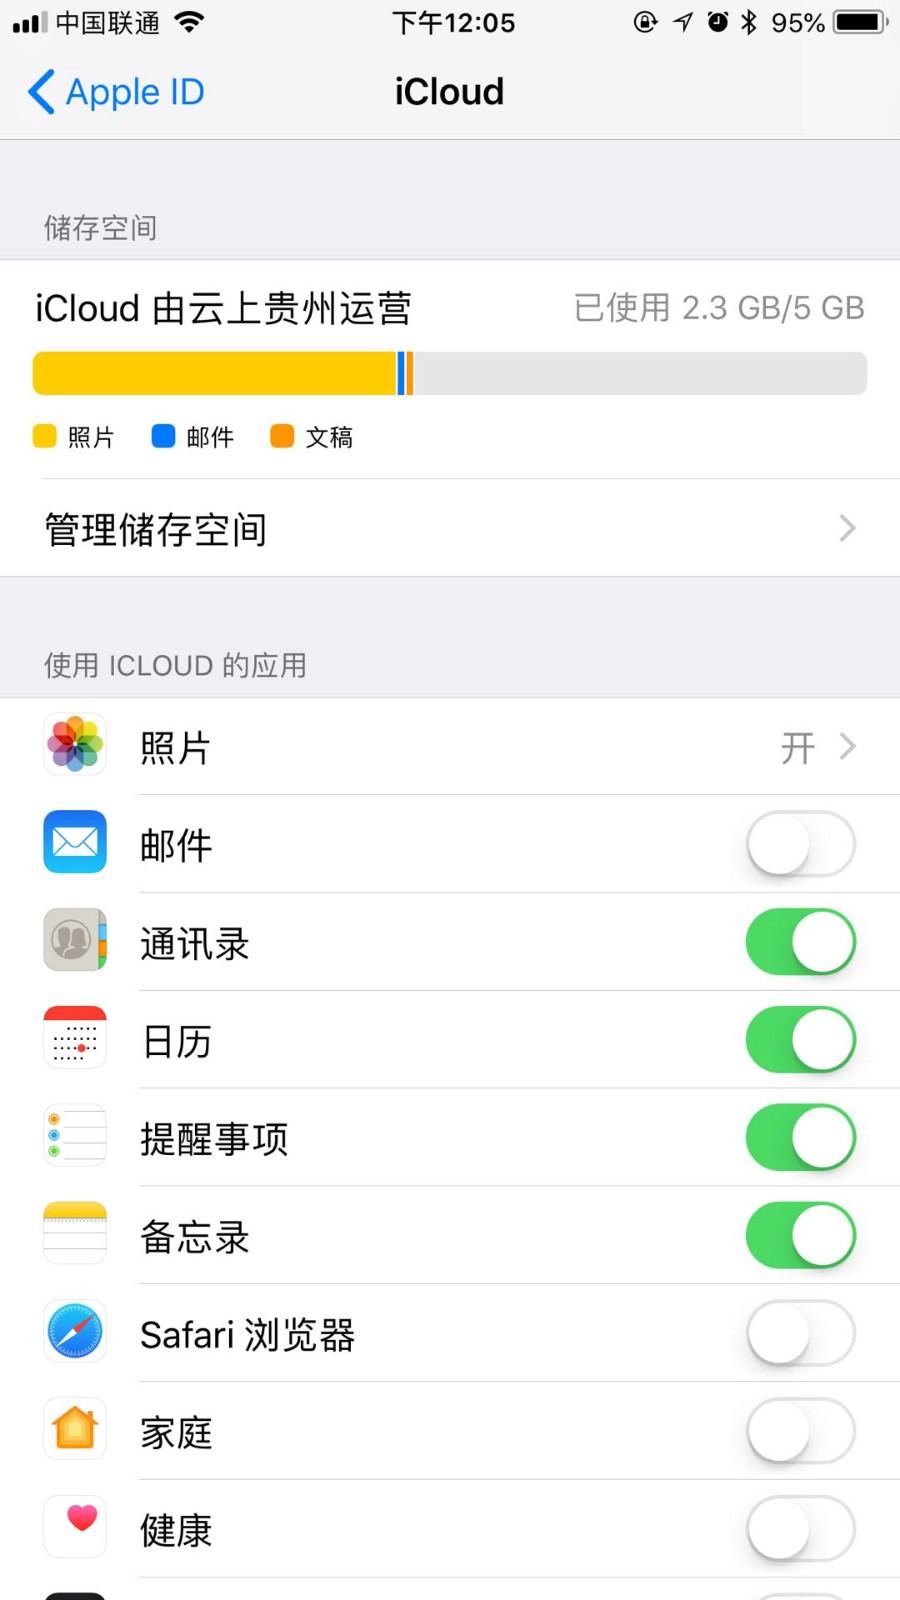 手机存储卡空间不足_Icloud还有存储空间,为什么打开照片图库总提示Icloud储存空间已 ...